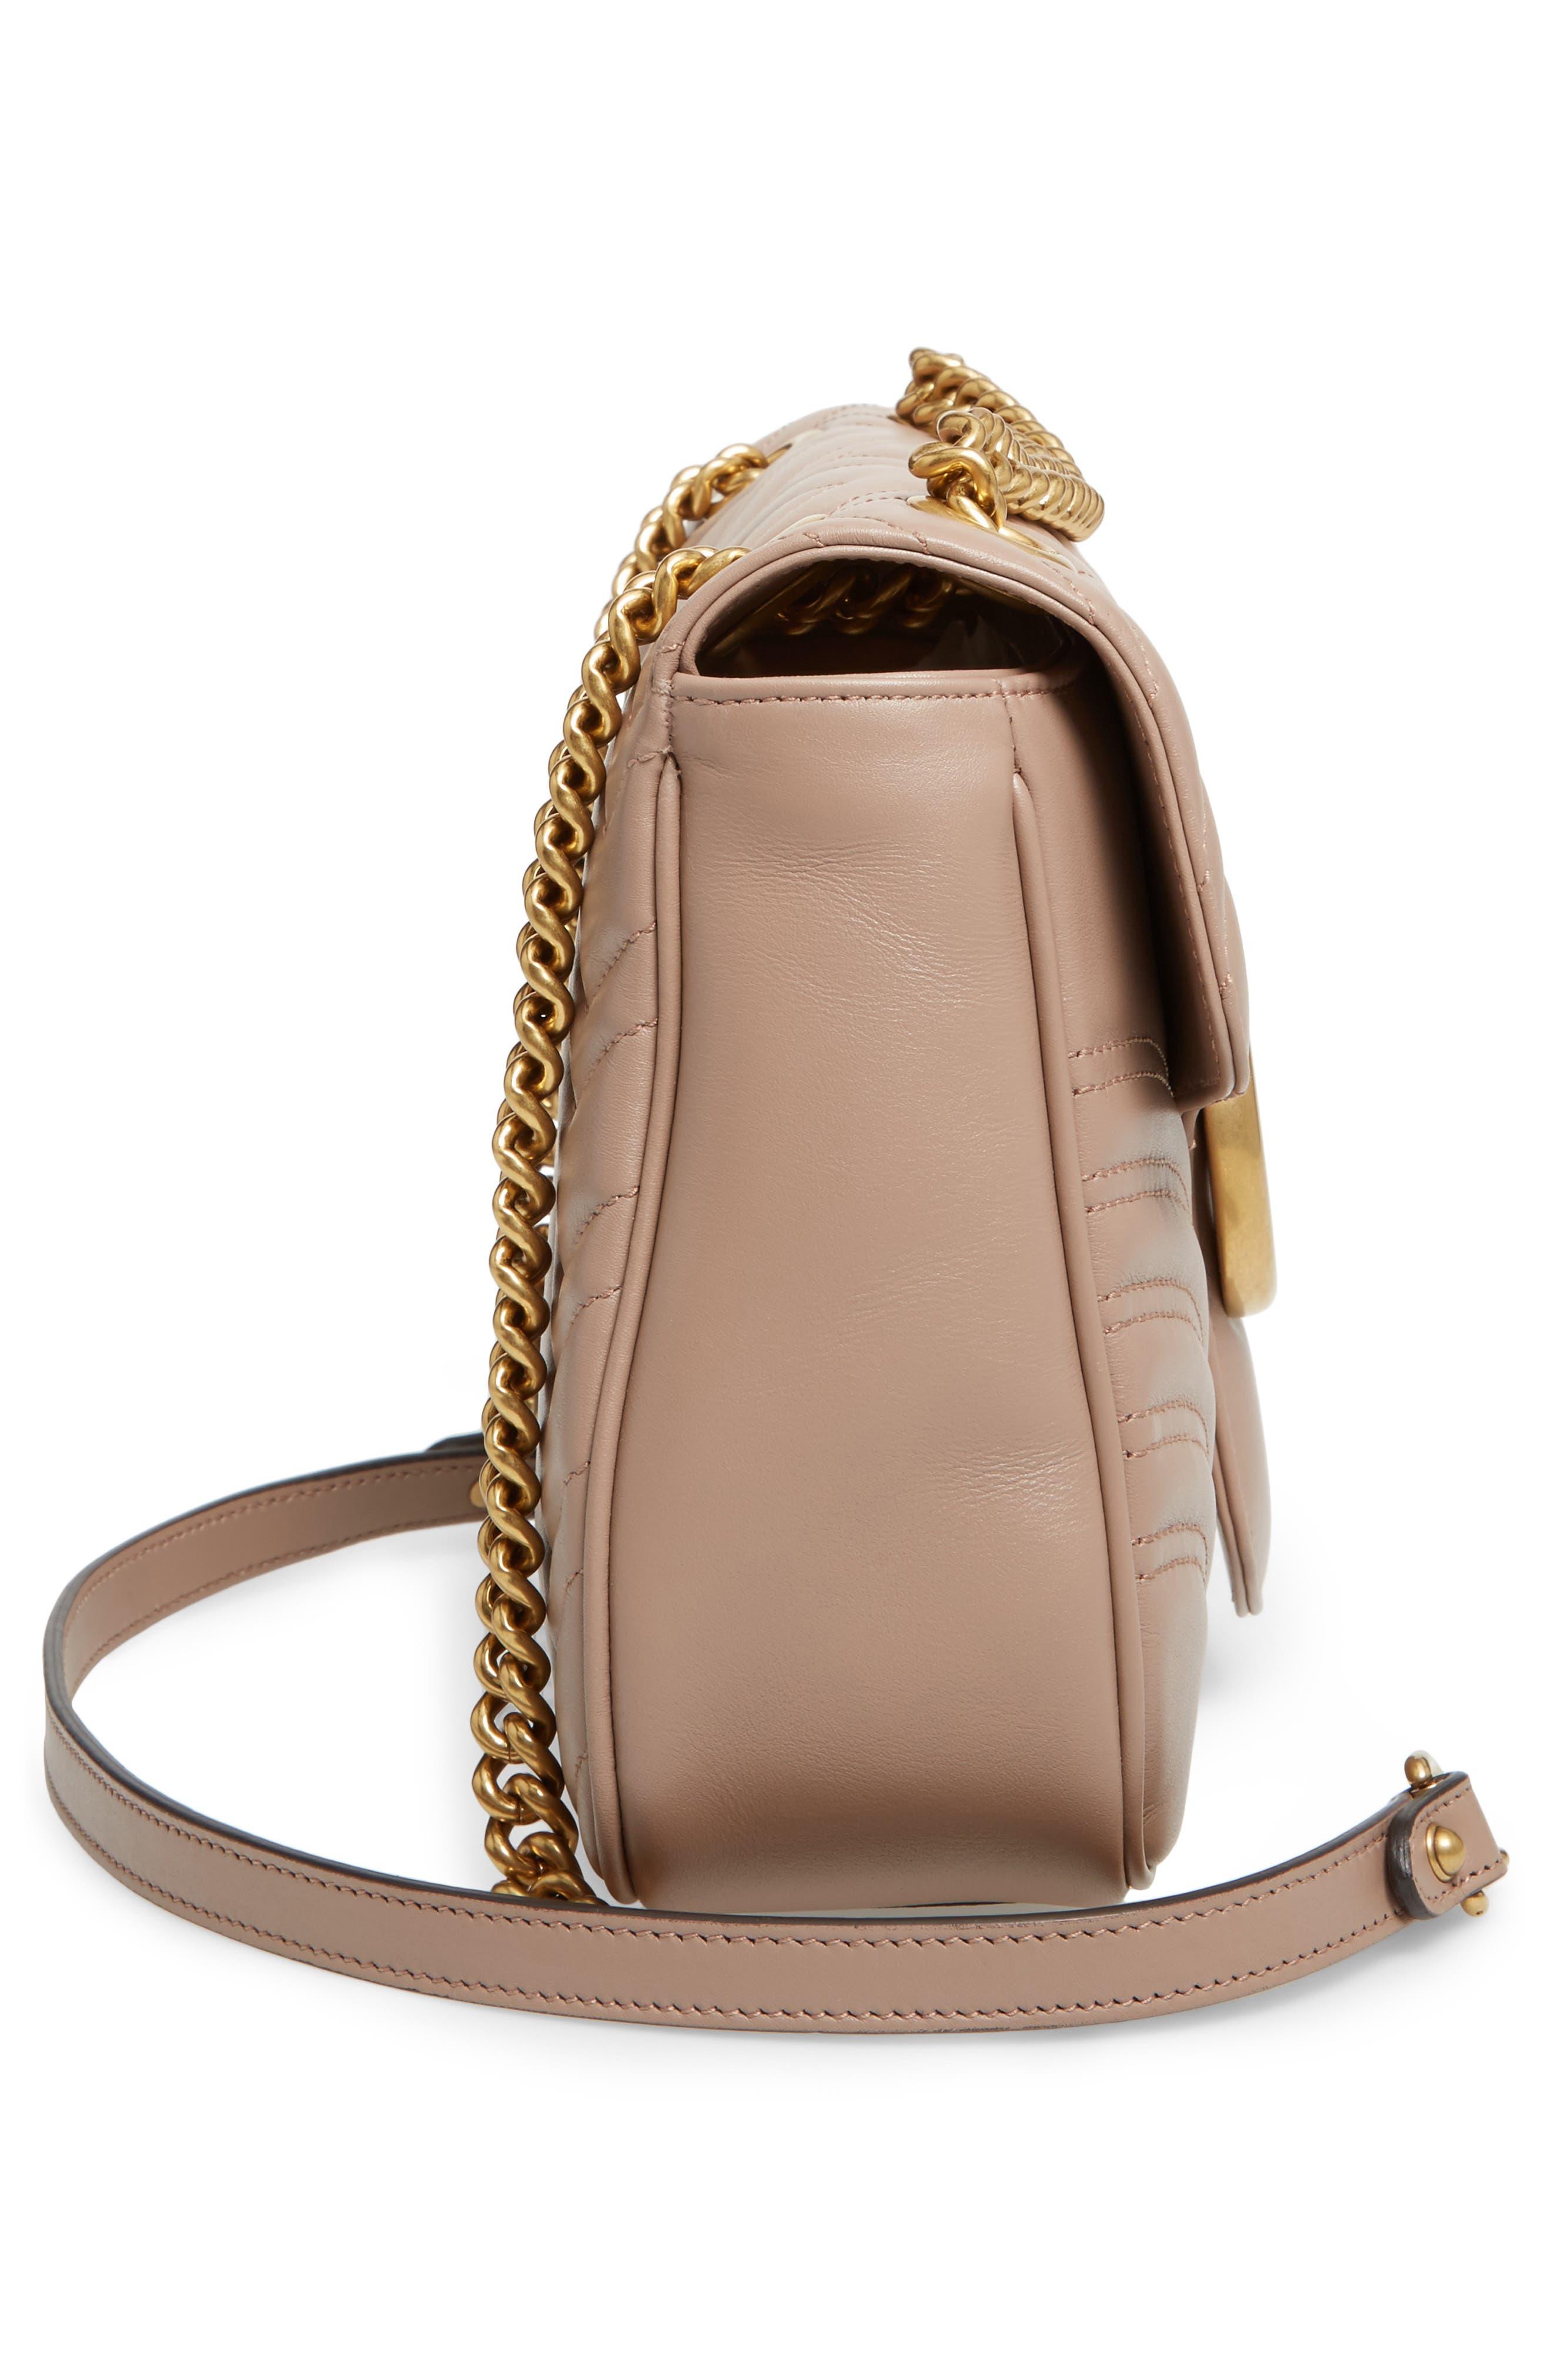 Medium GG Marmont 2.0 Matelassé Leather Shoulder Bag,                             Alternate thumbnail 5, color,                             PORCELAIN ROSE